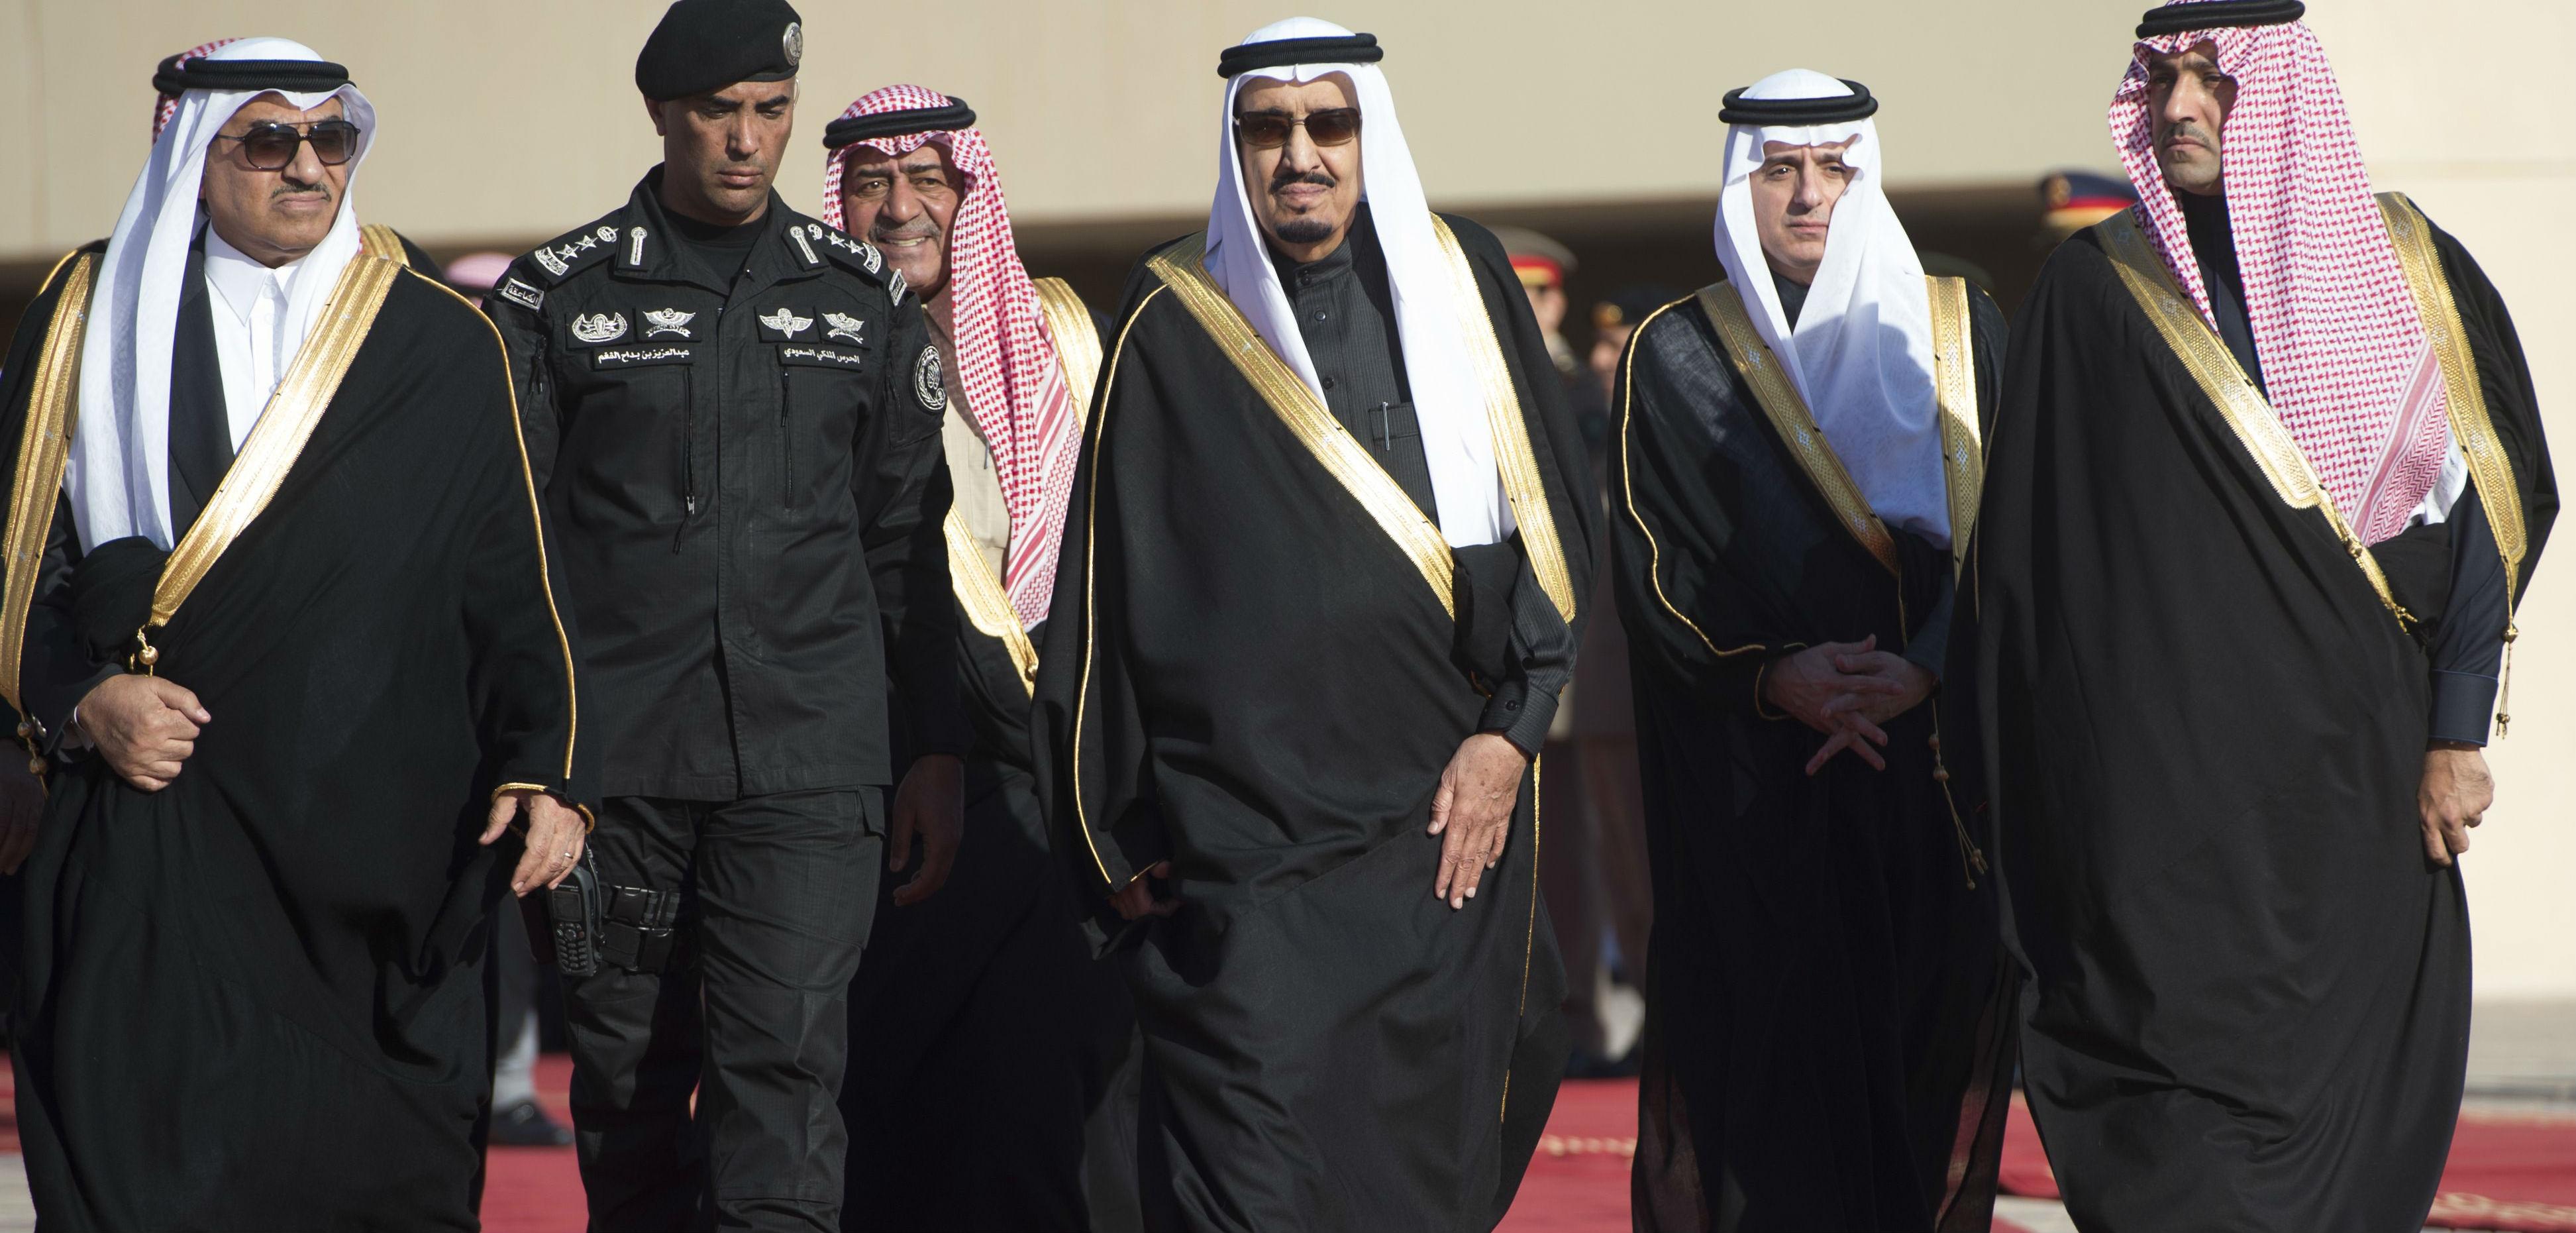 فورين بوليسي: السعوديون مختلفون حول توجهات الملك سلمان